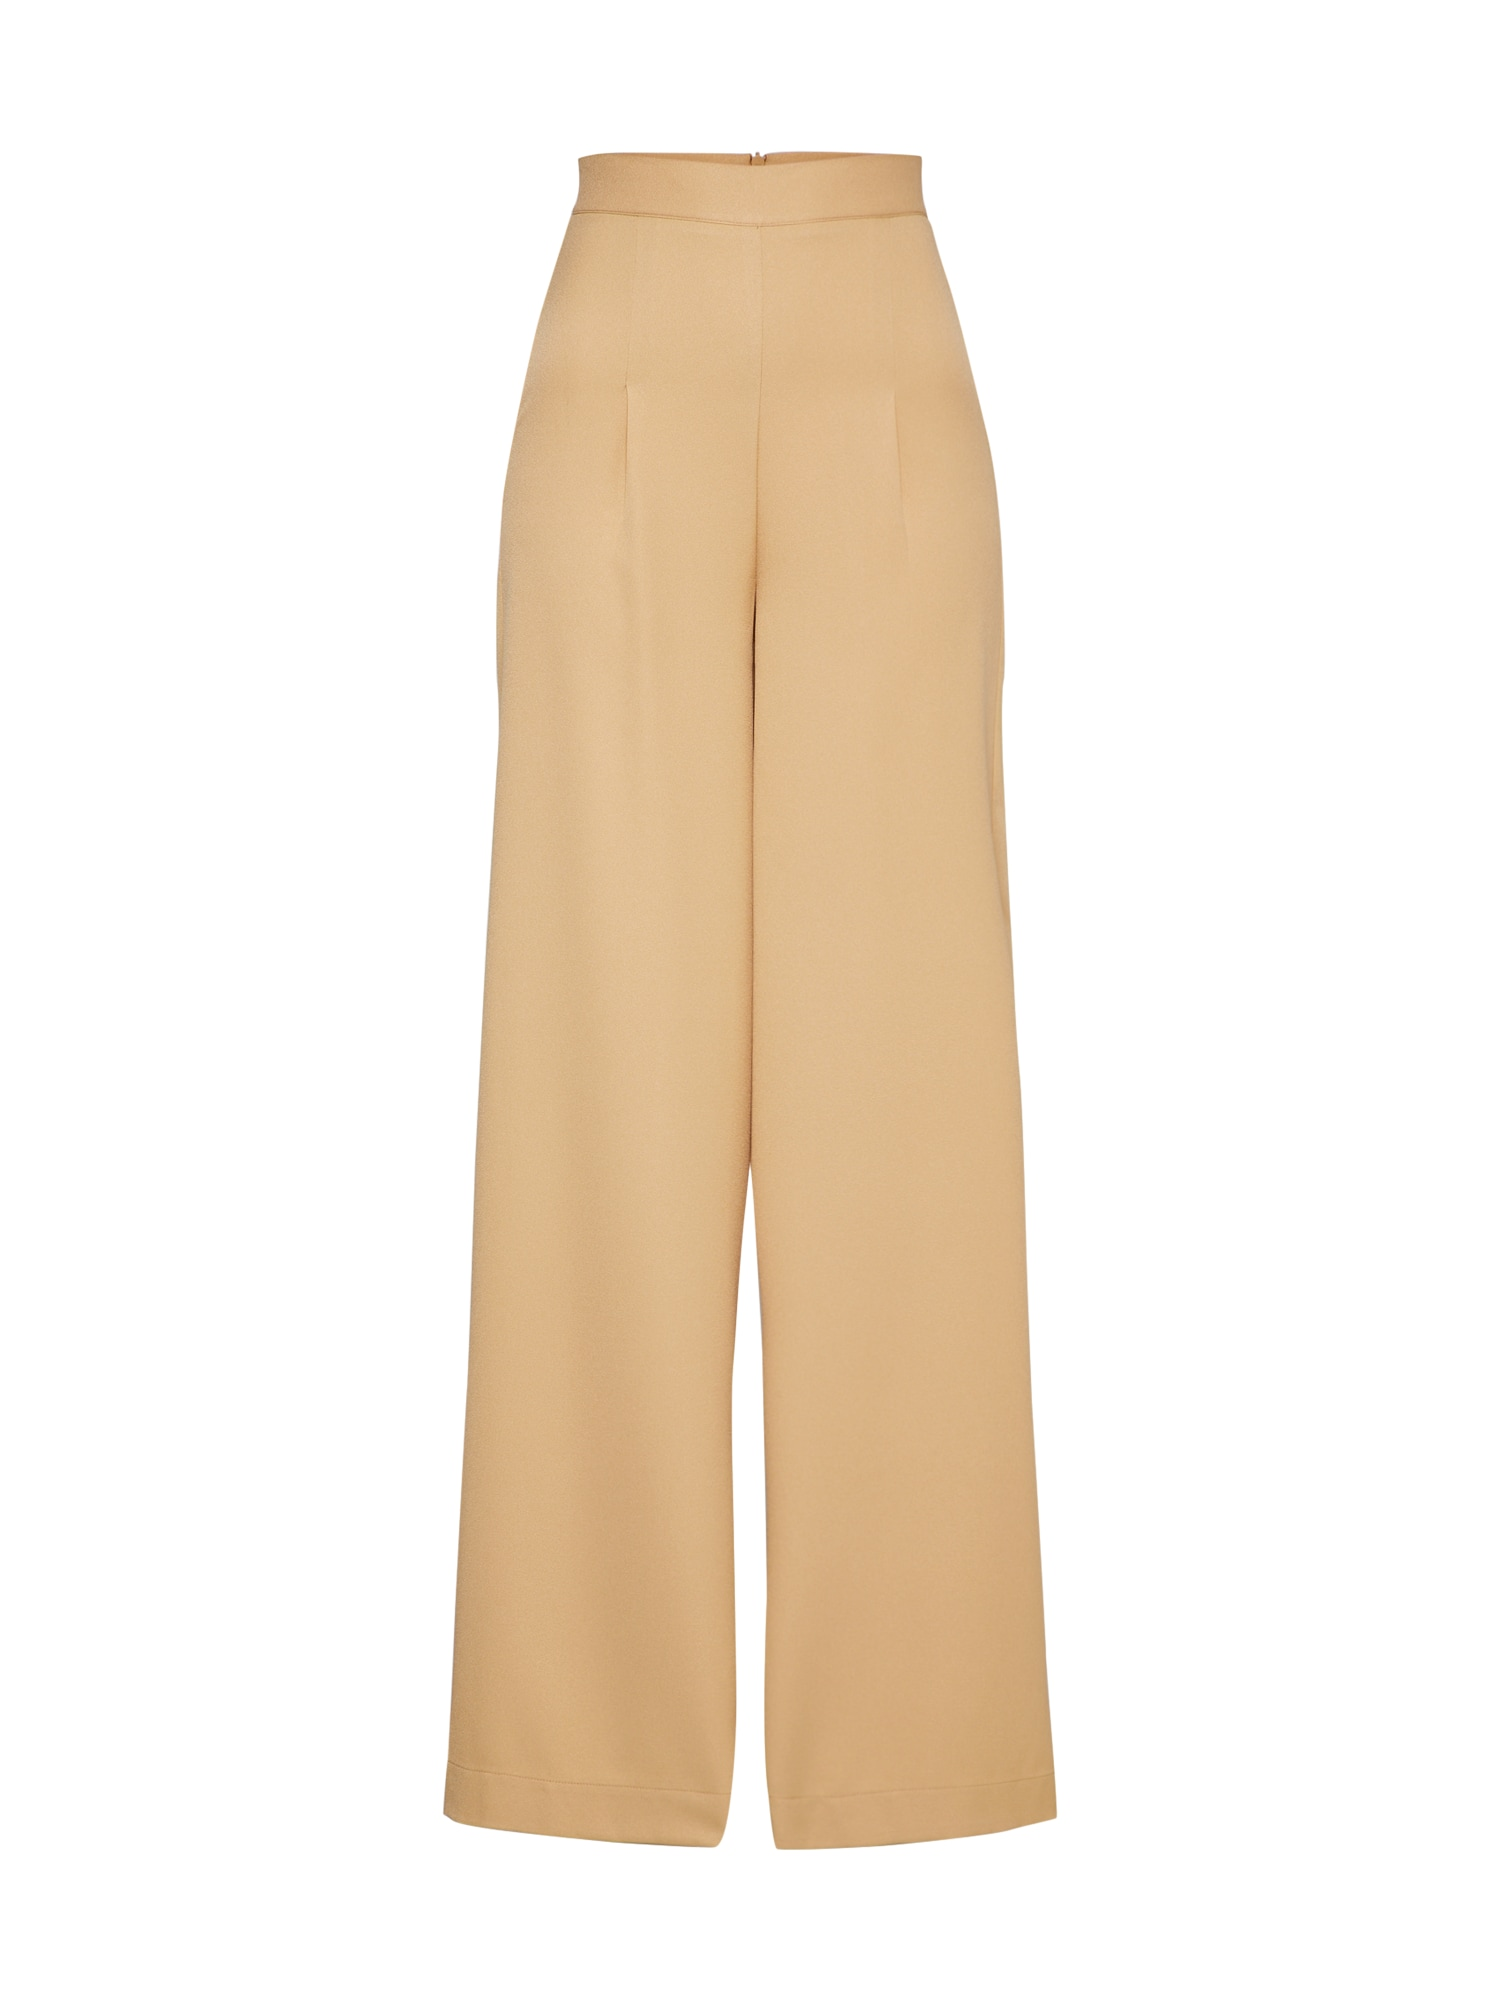 Kalhoty se sklady v pase Scarlette světle béžová zlatě žlutá EDITED